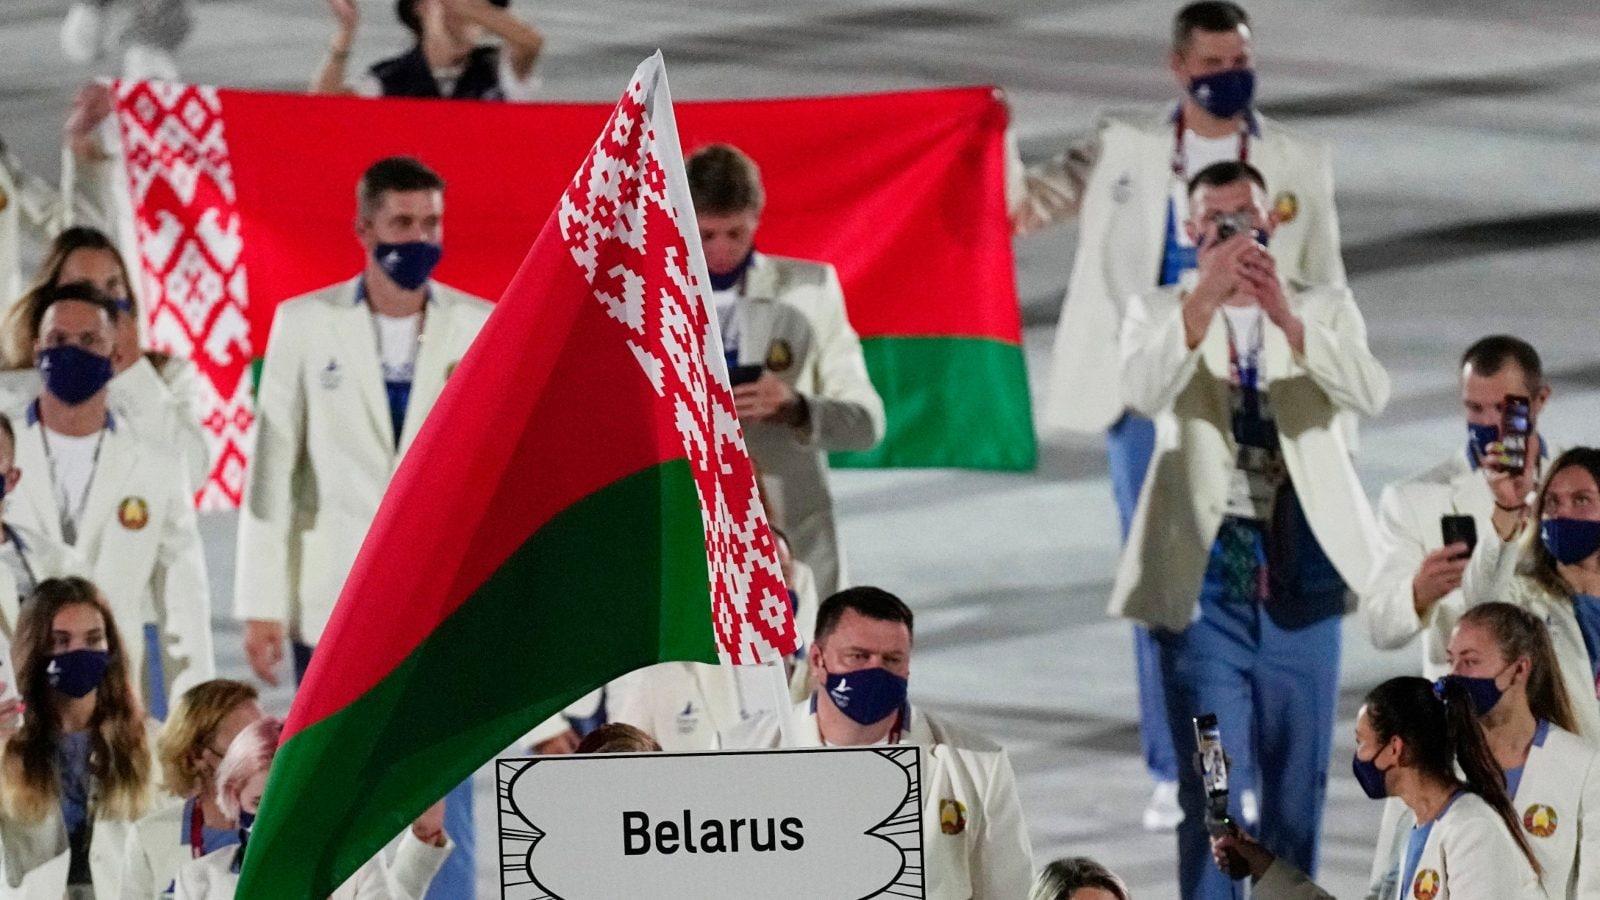 La corredora de Bielorrusia alega que el equipo olimpico intento